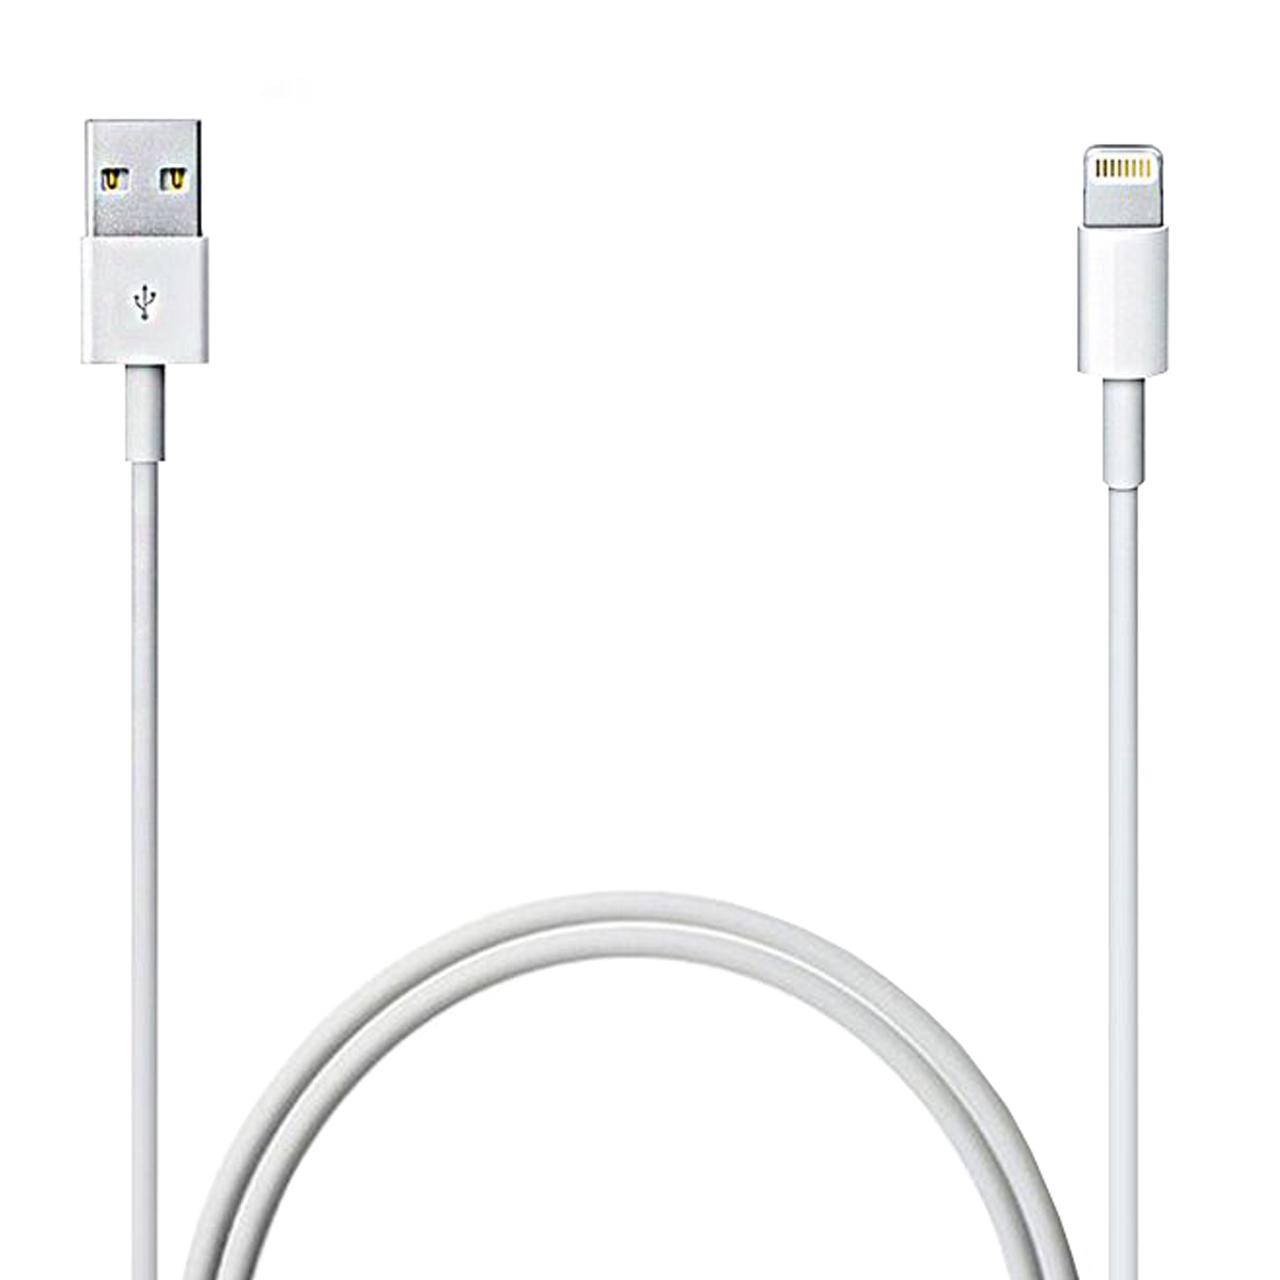 کابل تبدیل USB به لایتنینگ مدل KLA طول 1 متر